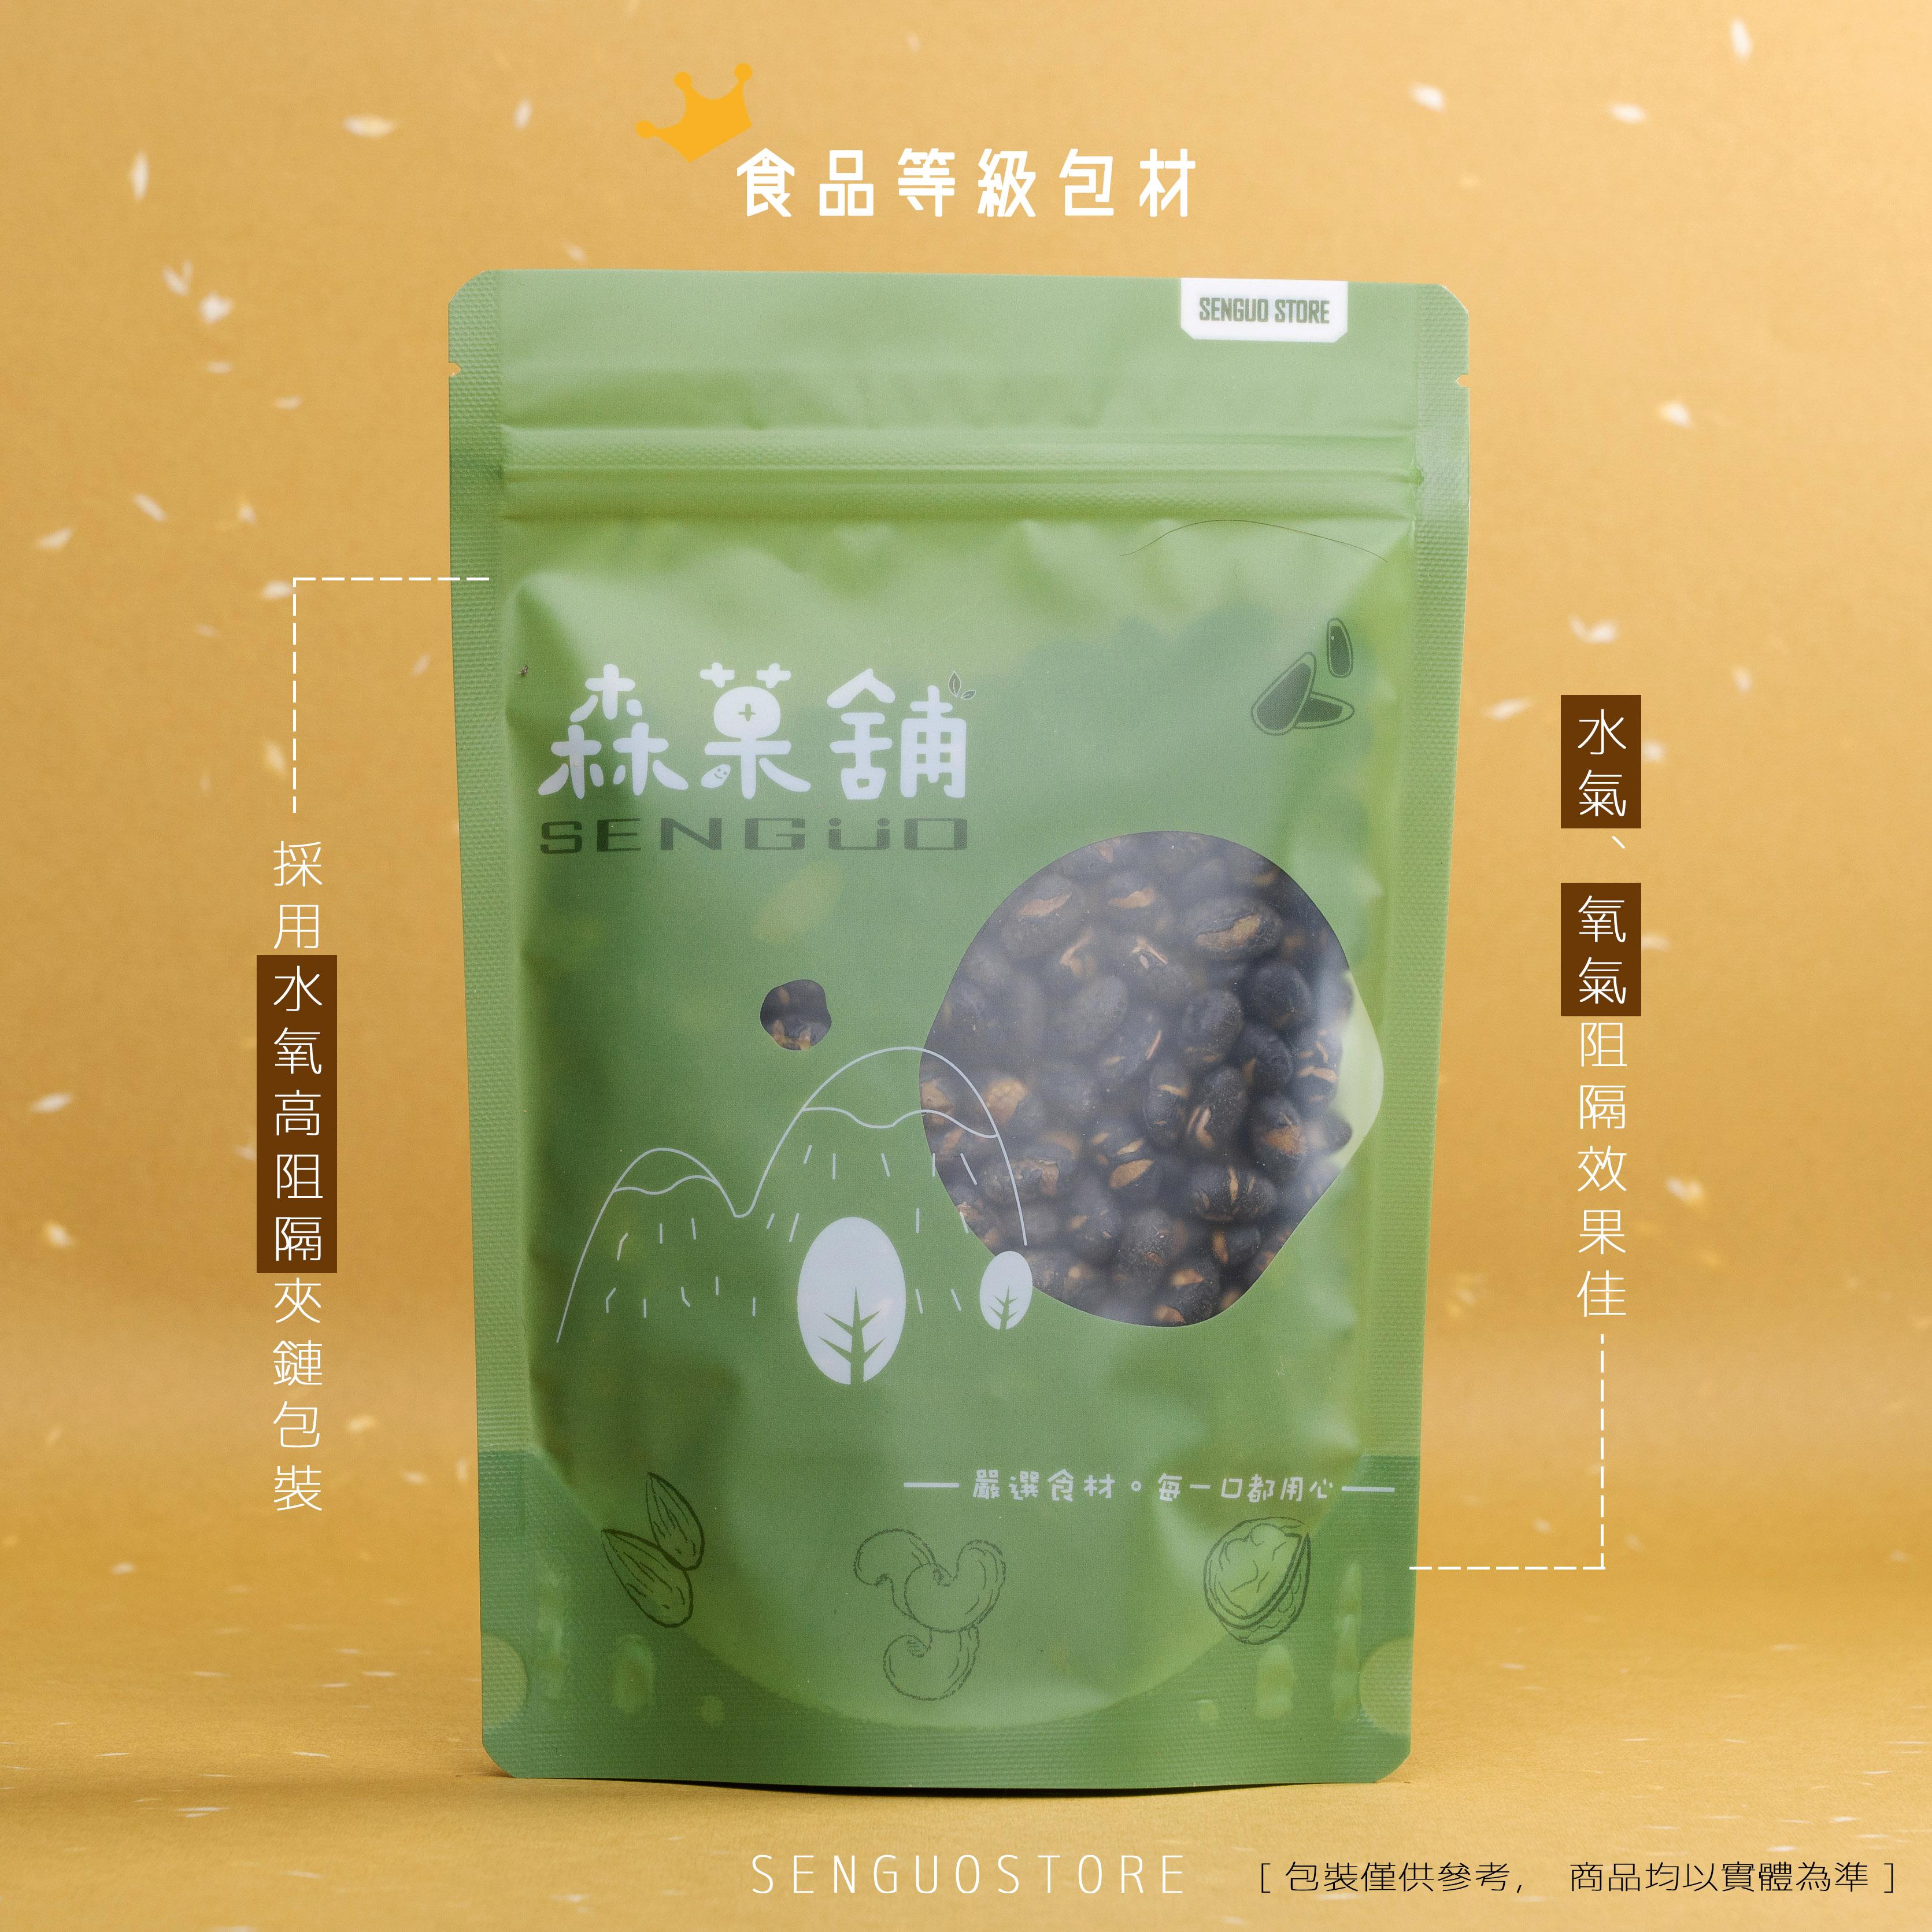 【森菓舖】烘焙黑豆|即食黑豆|300公克